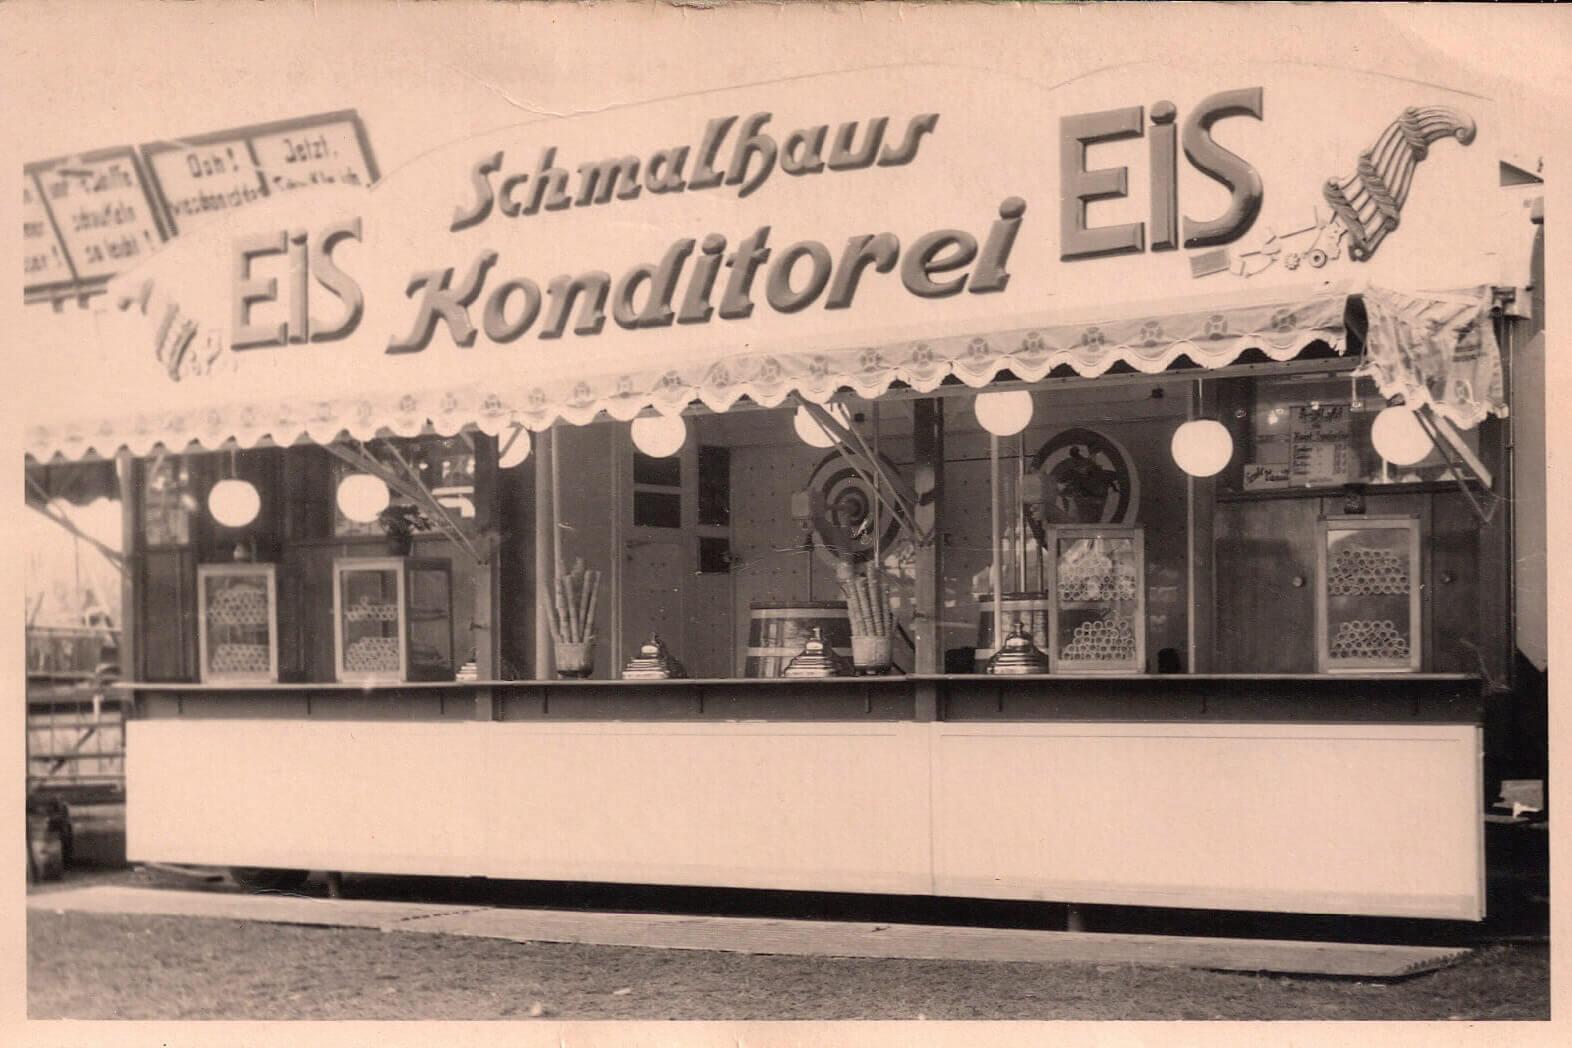 Schmalhaus Eis historisch Eiskonditorei 50er Jahre